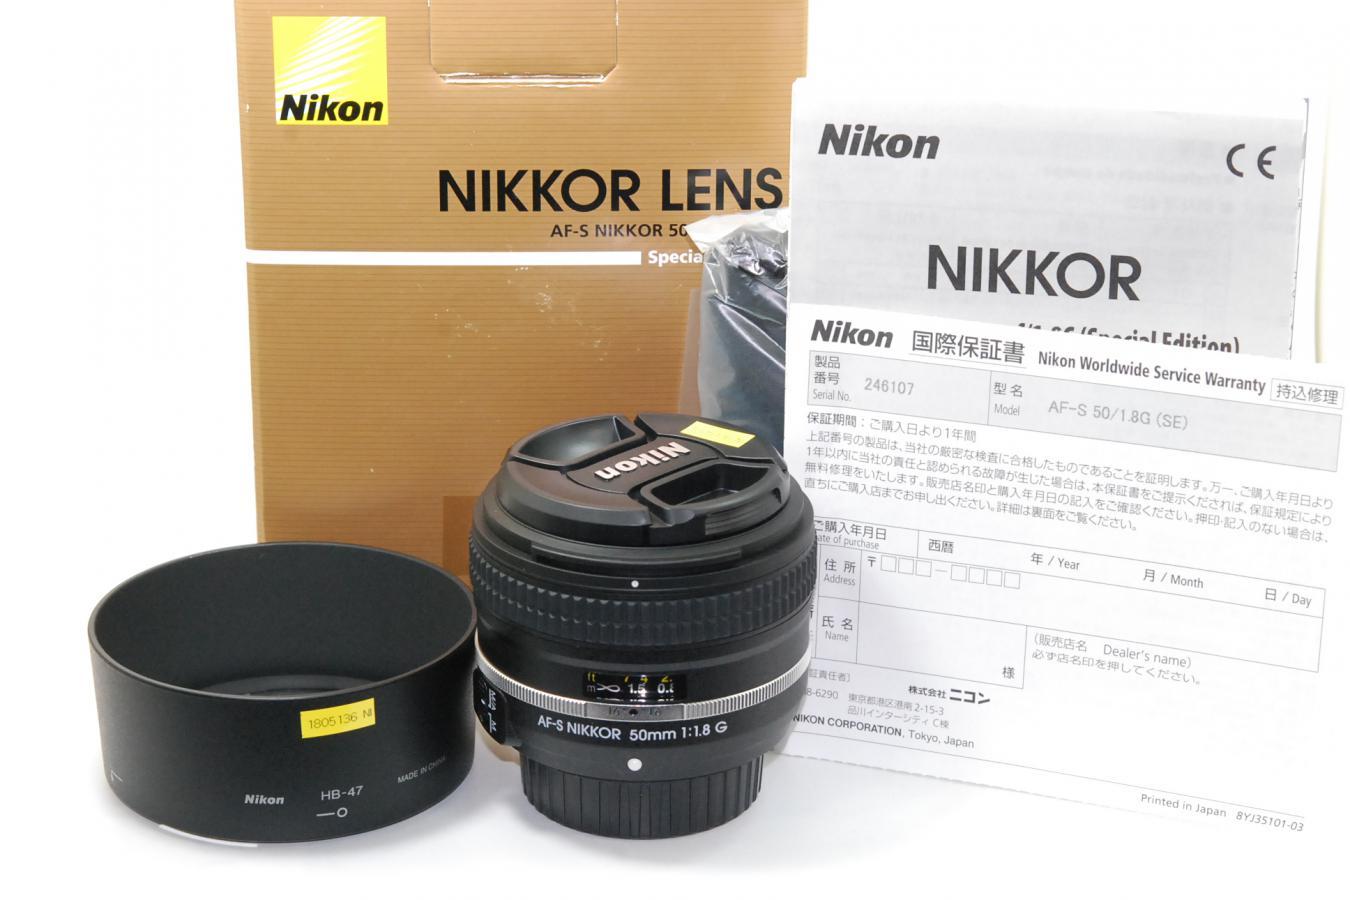 AF-S NIKKOR 50mm F1.8G Special Edition 【未記入メーカー保証書、純正フードHB-47、ケース、取説、元箱付一式】